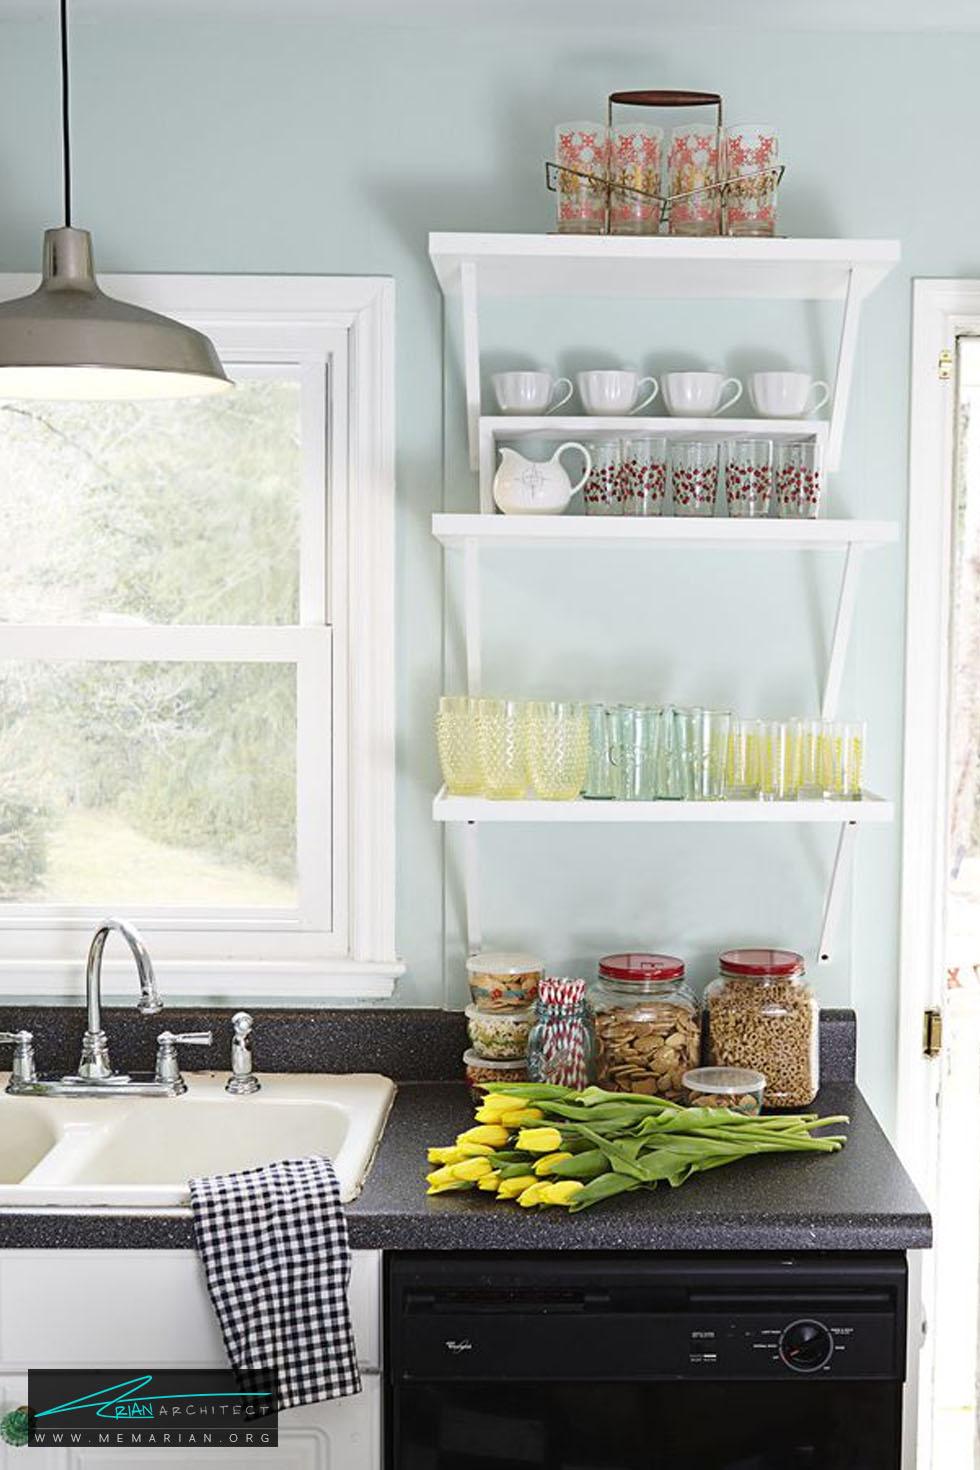 سطوح قفسه بندی شده - 20 ایده جذاب برای دکوراسیون آشپزخانه